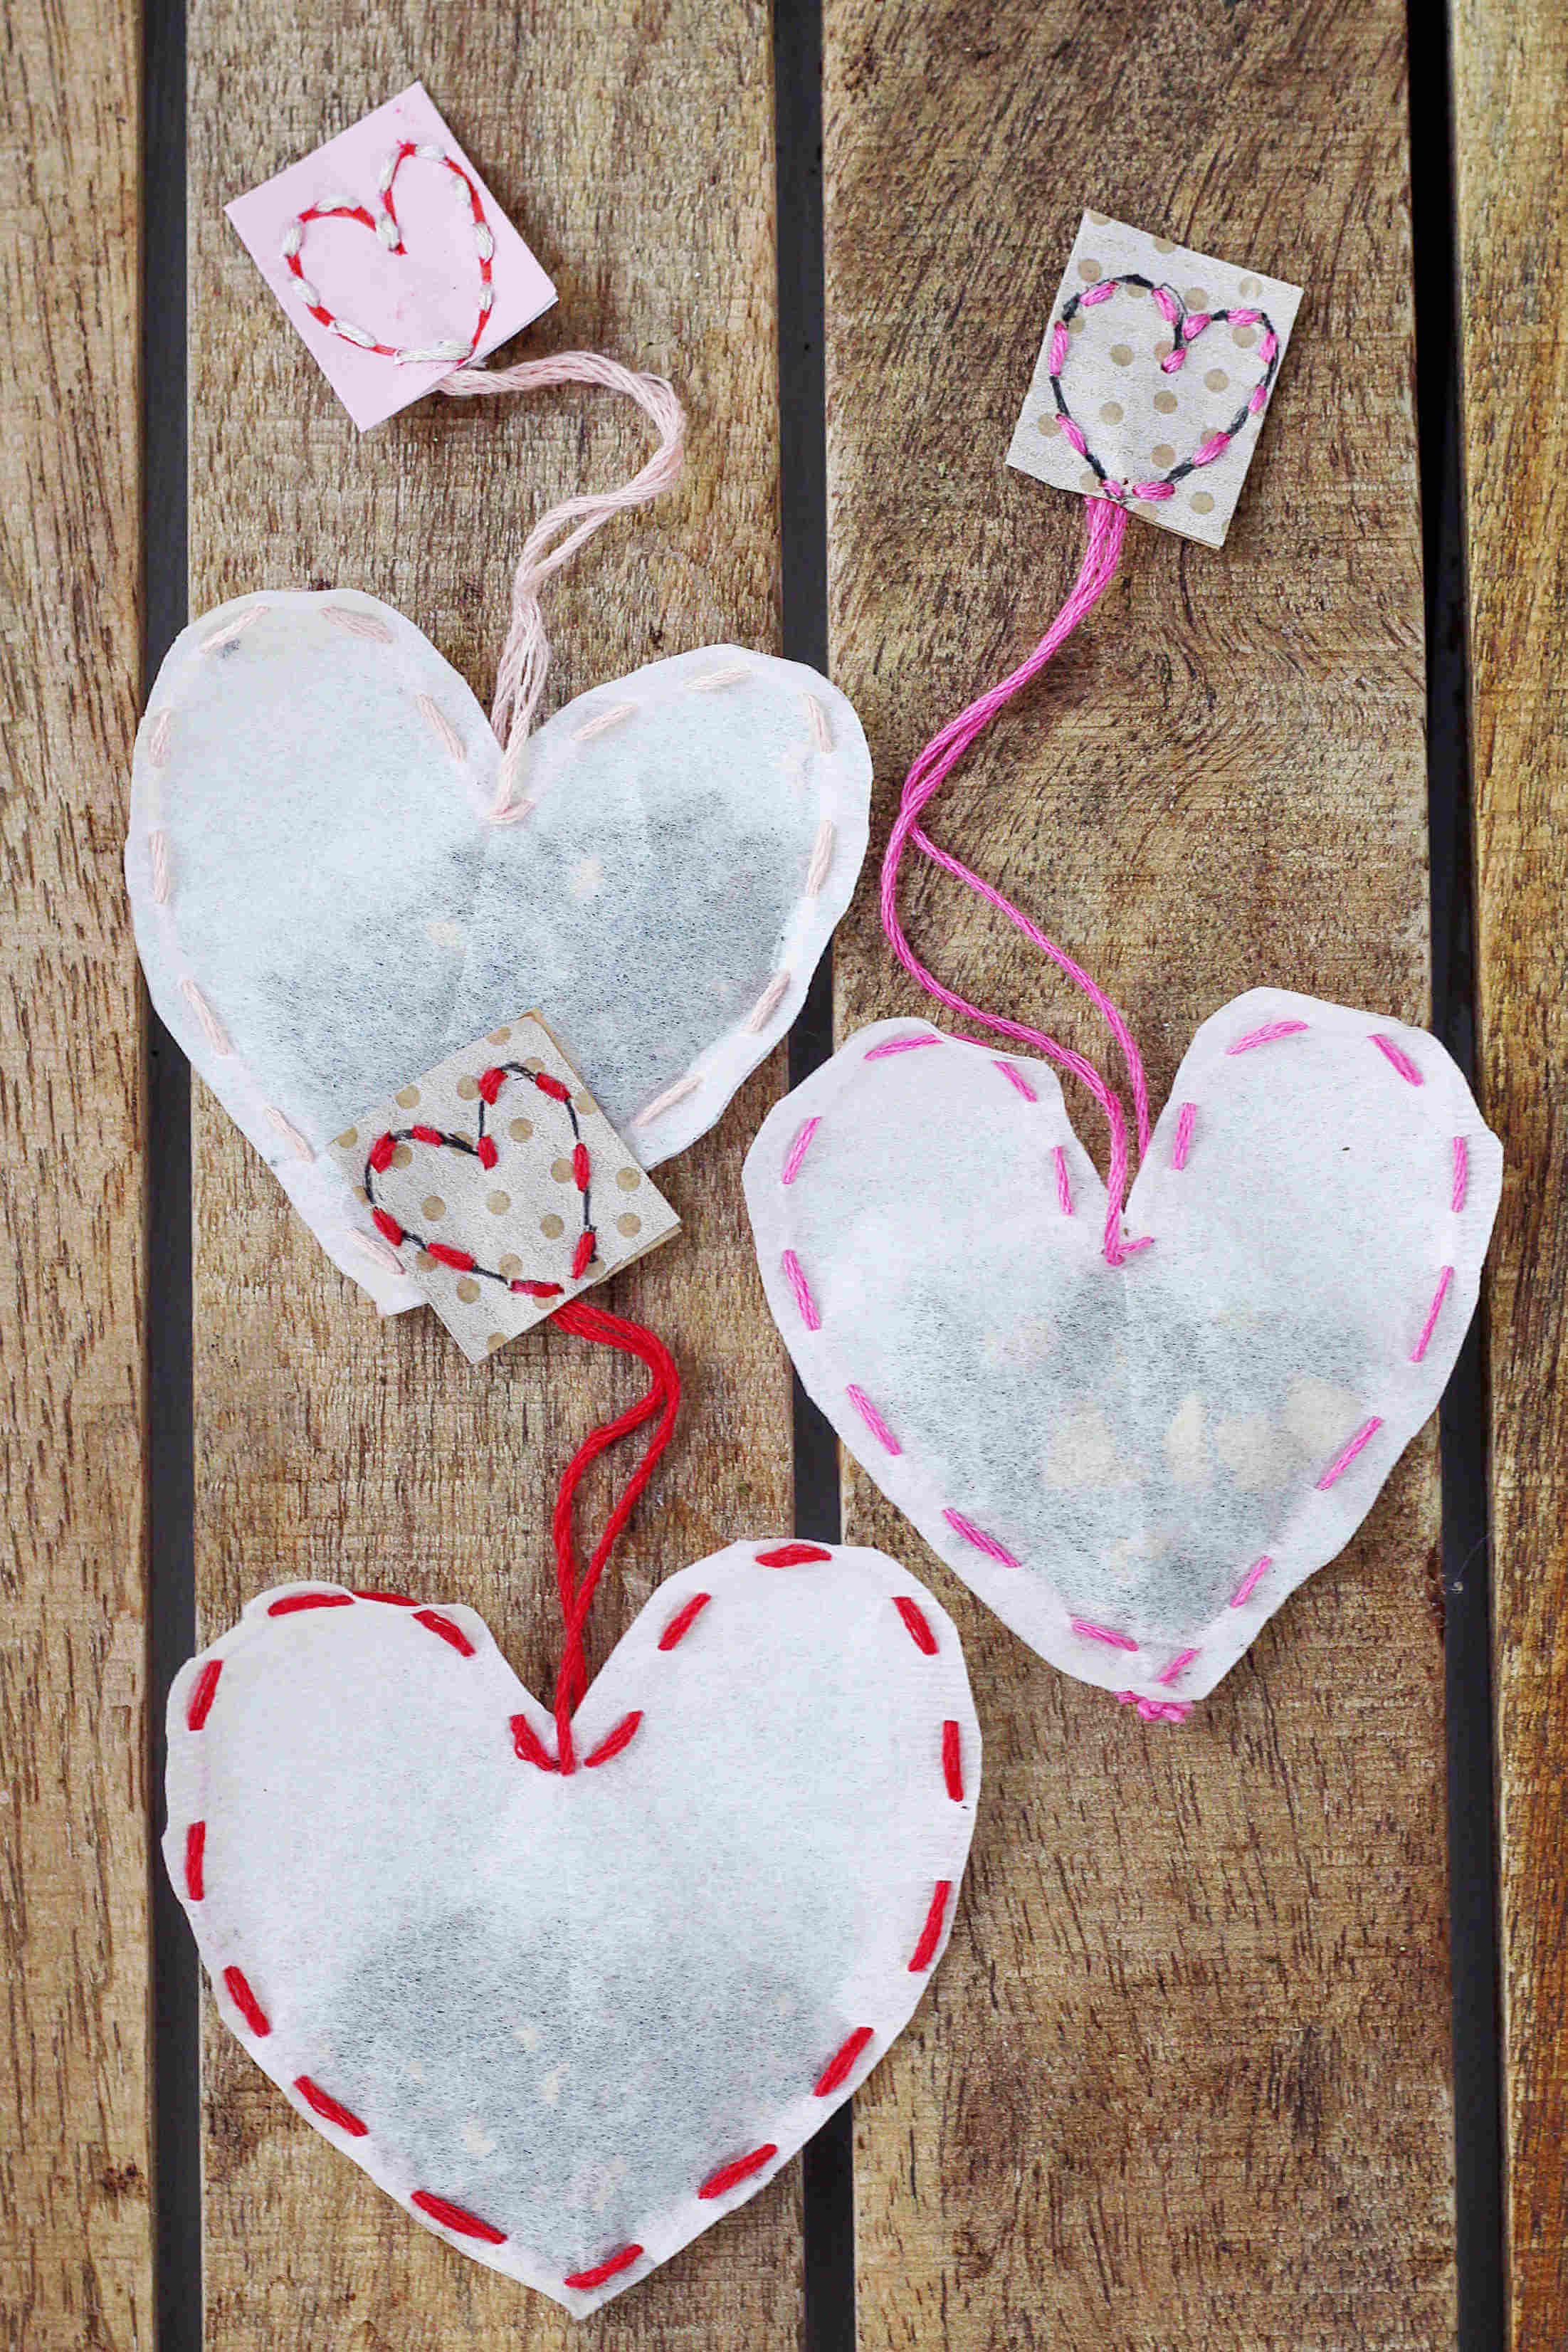 diy geschenke selber machen: kreative geschenkideen basteln